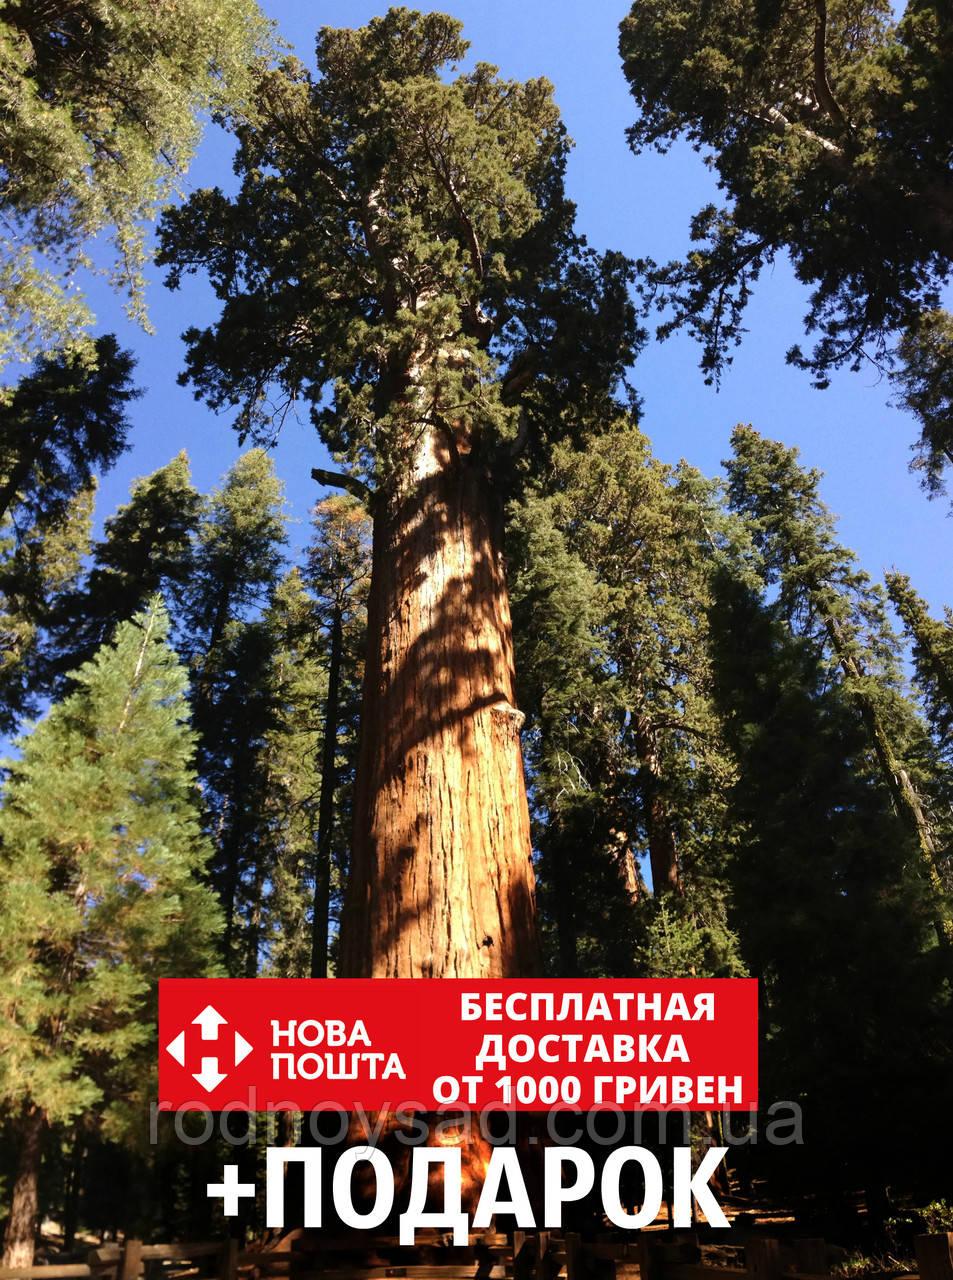 Секвойядендрон гигантский семена (50 шт) гигантская секвойя, мамонтово дерево (Sequoiadendron giganteum)